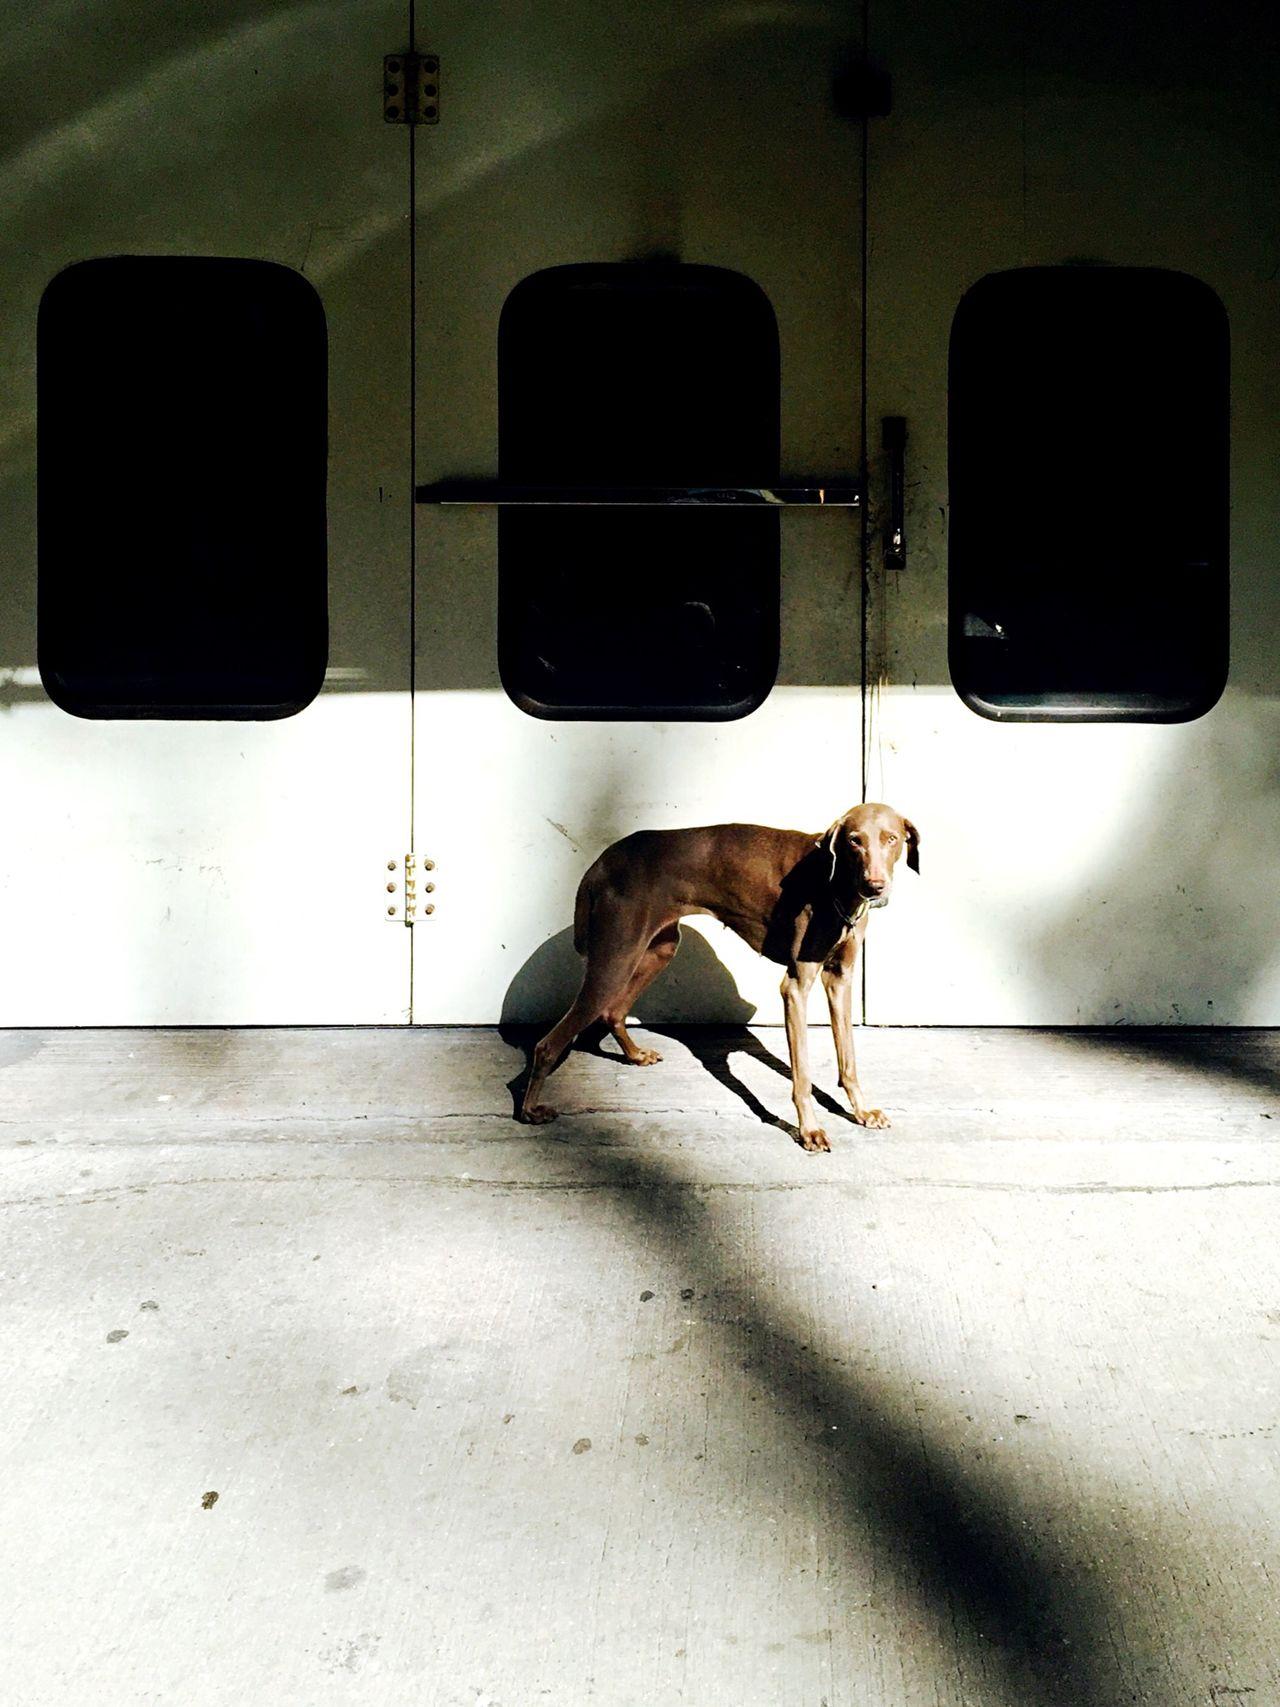 Dog on walkway